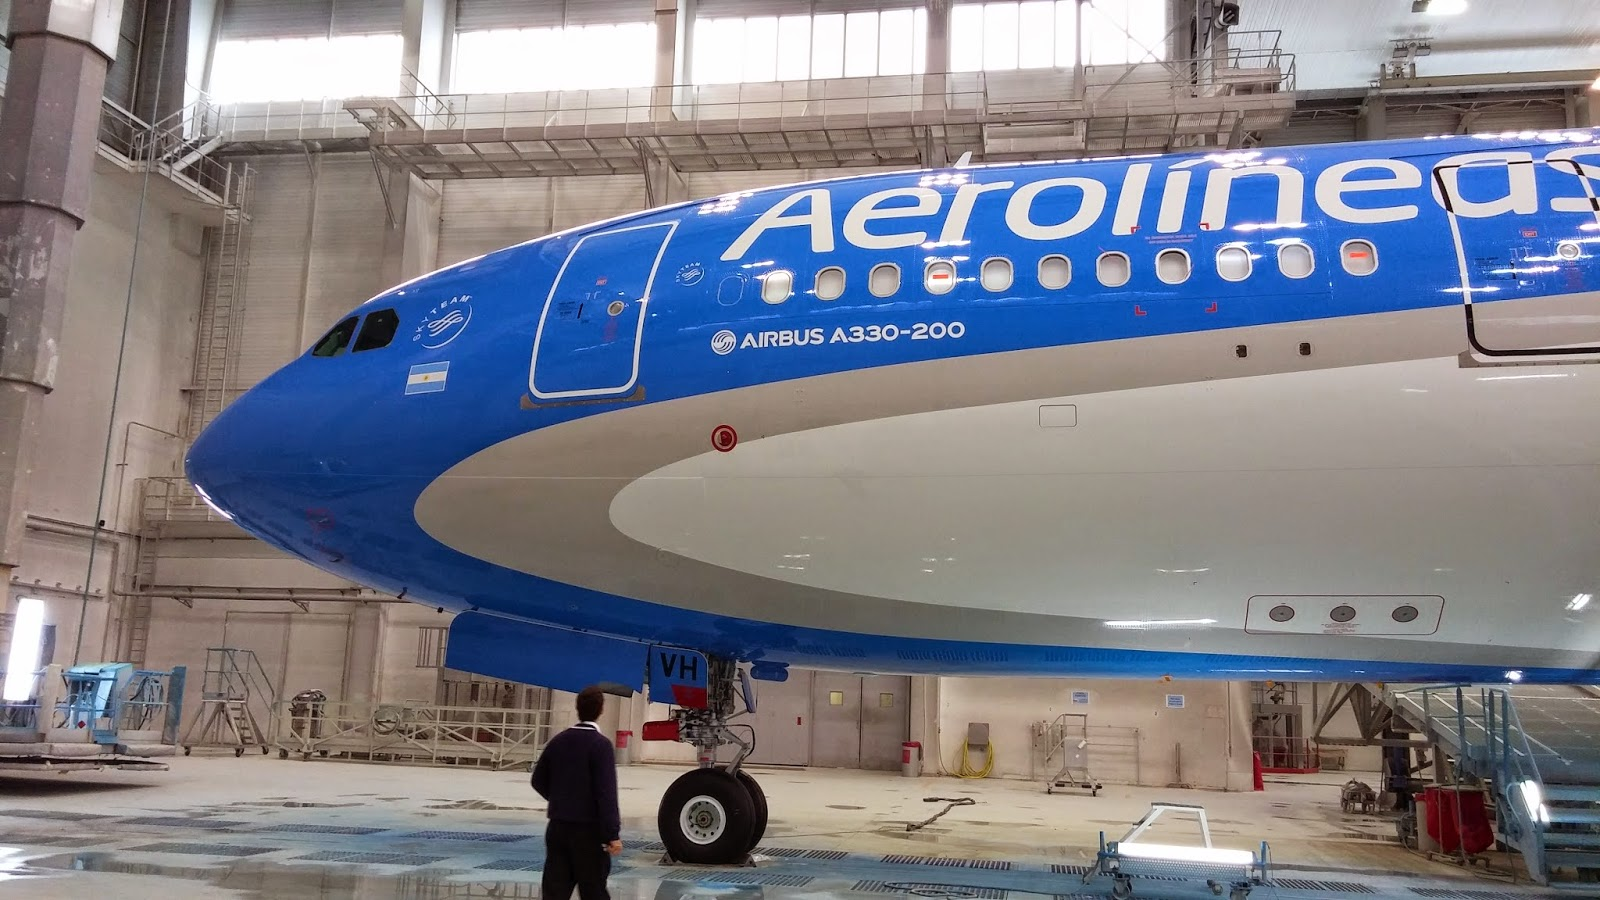 Aerolíneas Argentinas A330/200